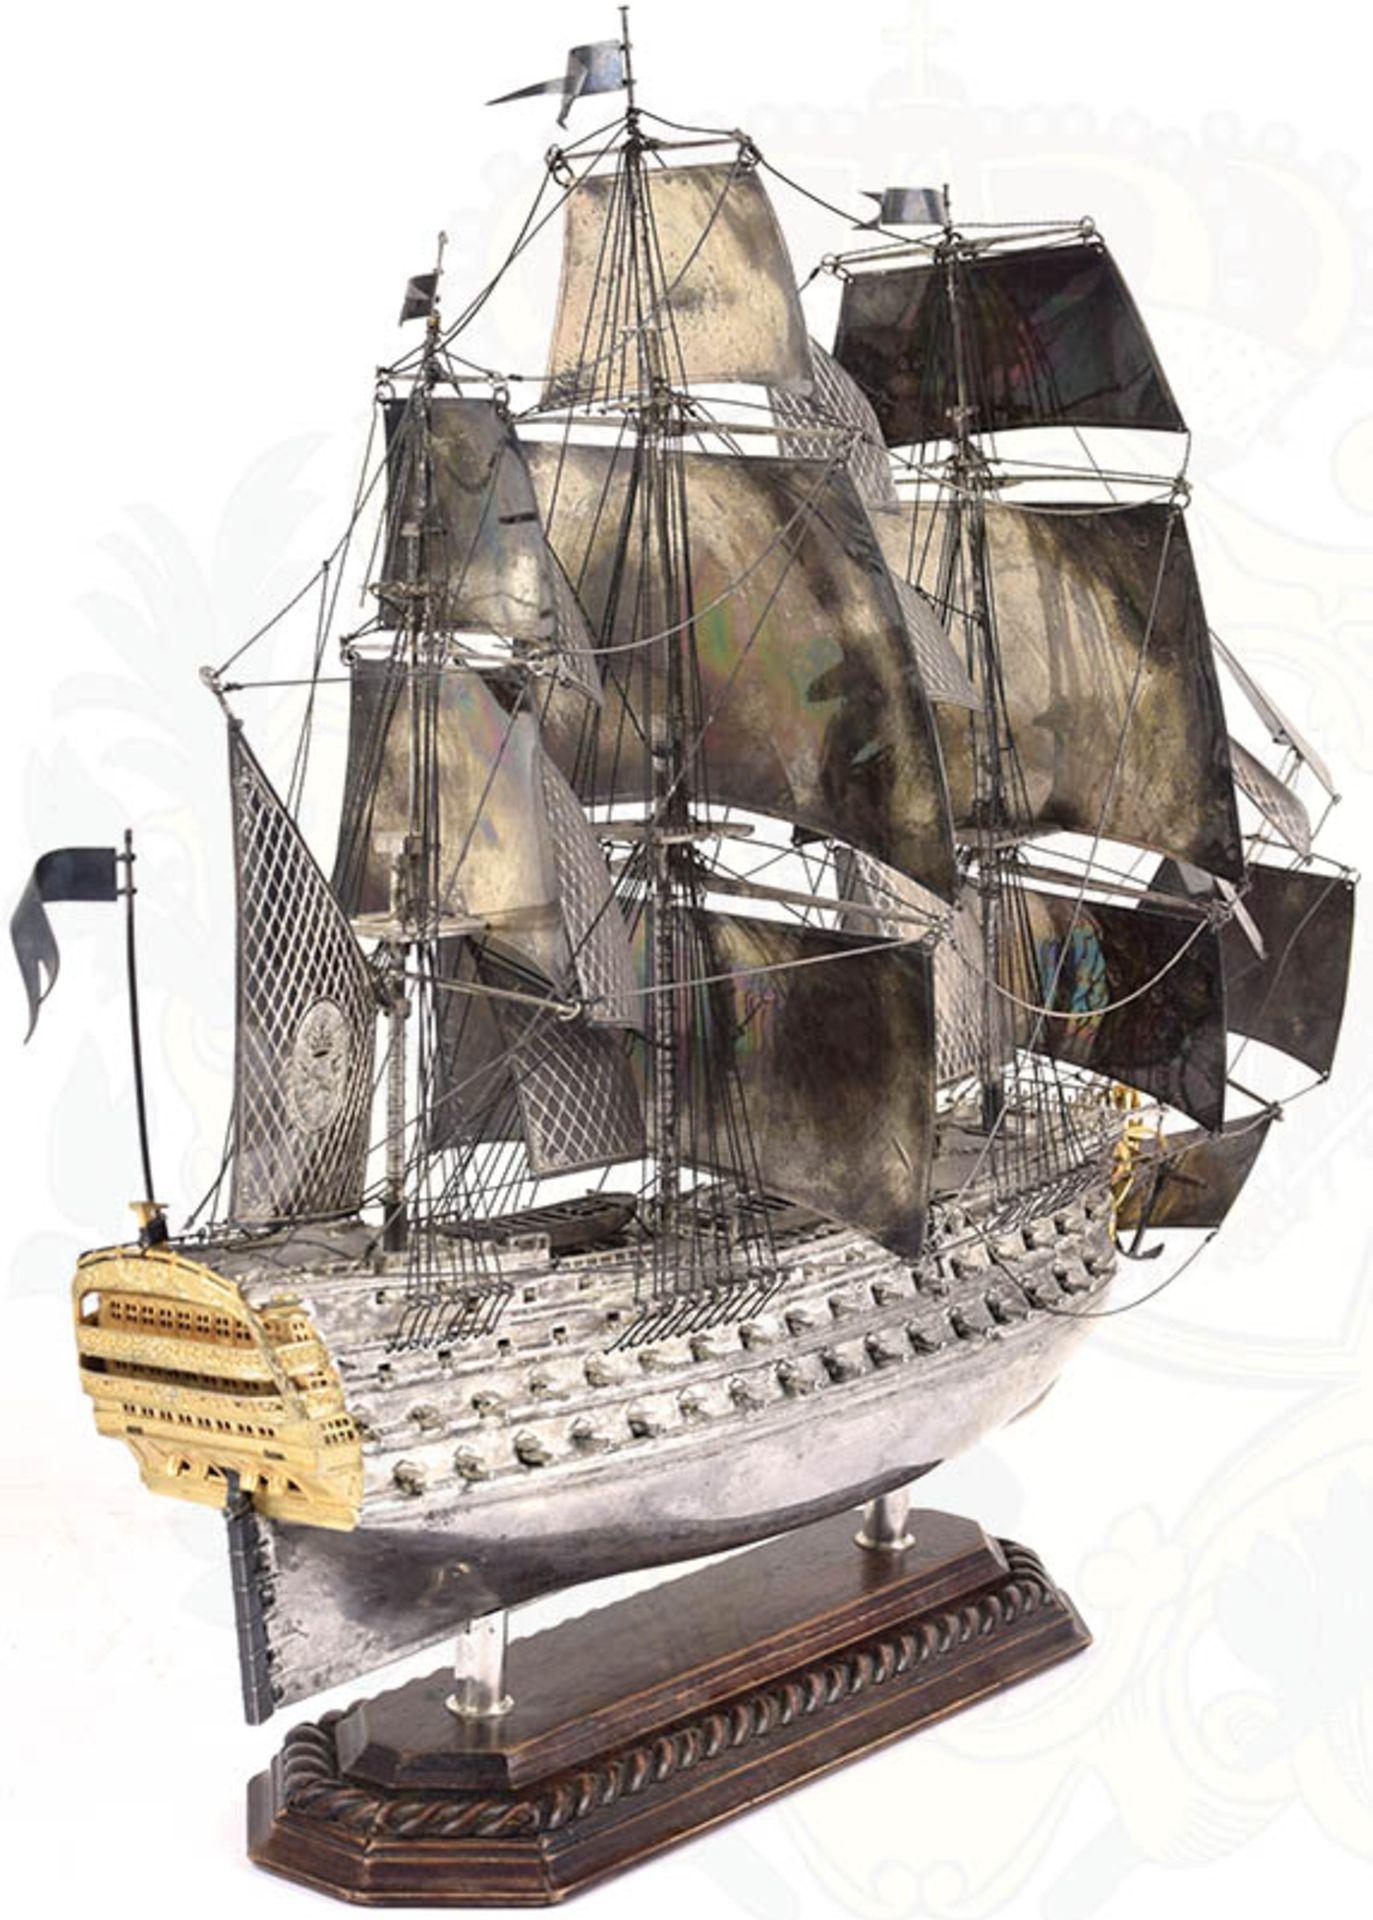 MODELL-LINIENSCHIFF, Dreidecker-Segellinienschiff der 2. Hälfte des 18. Jhd. mit 100 Kanonen, - Bild 12 aus 15